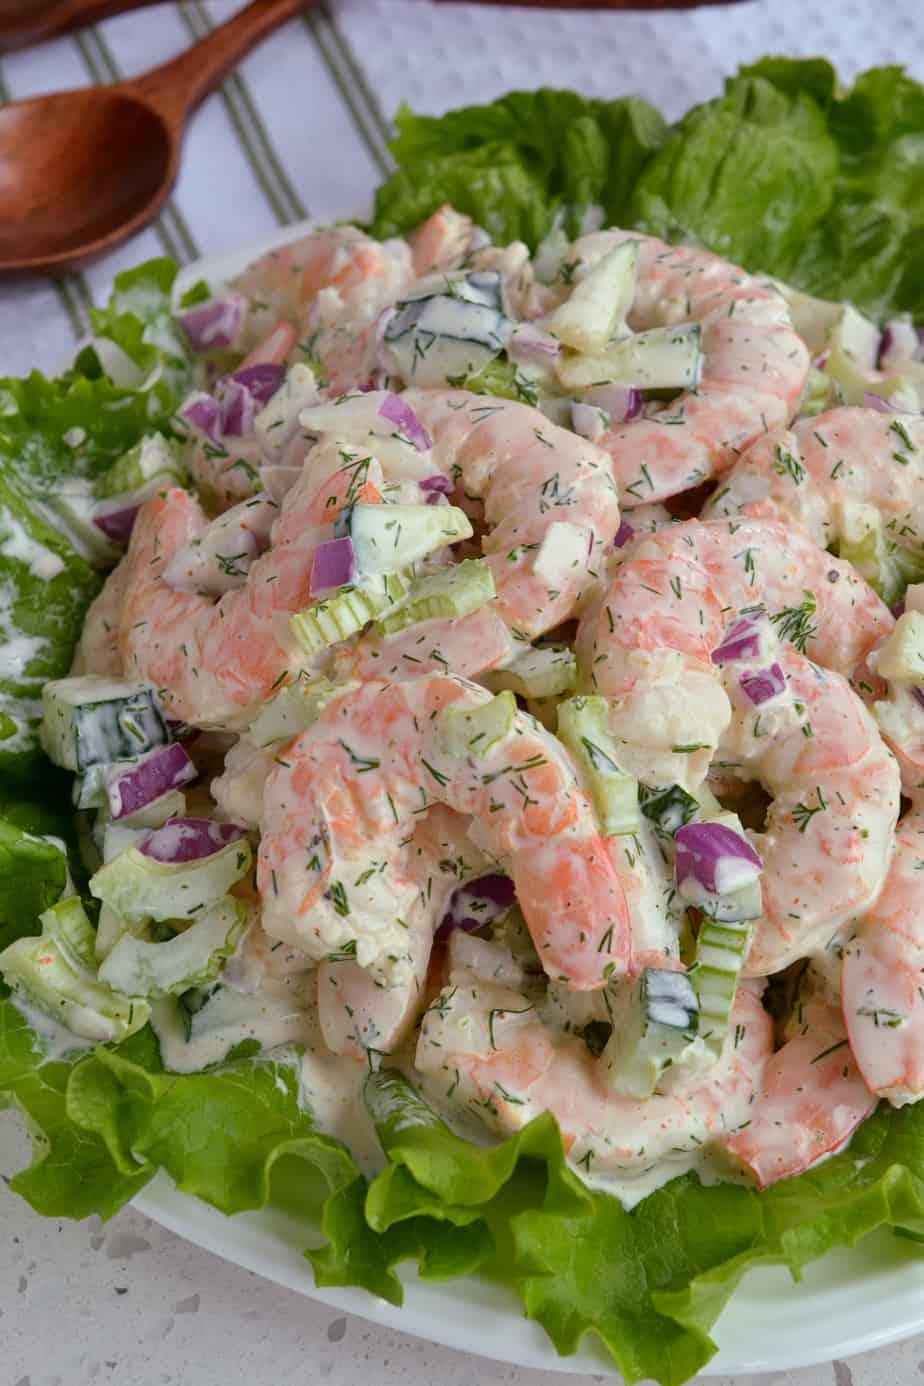 Shrimp Salad piled on leaf lettuce